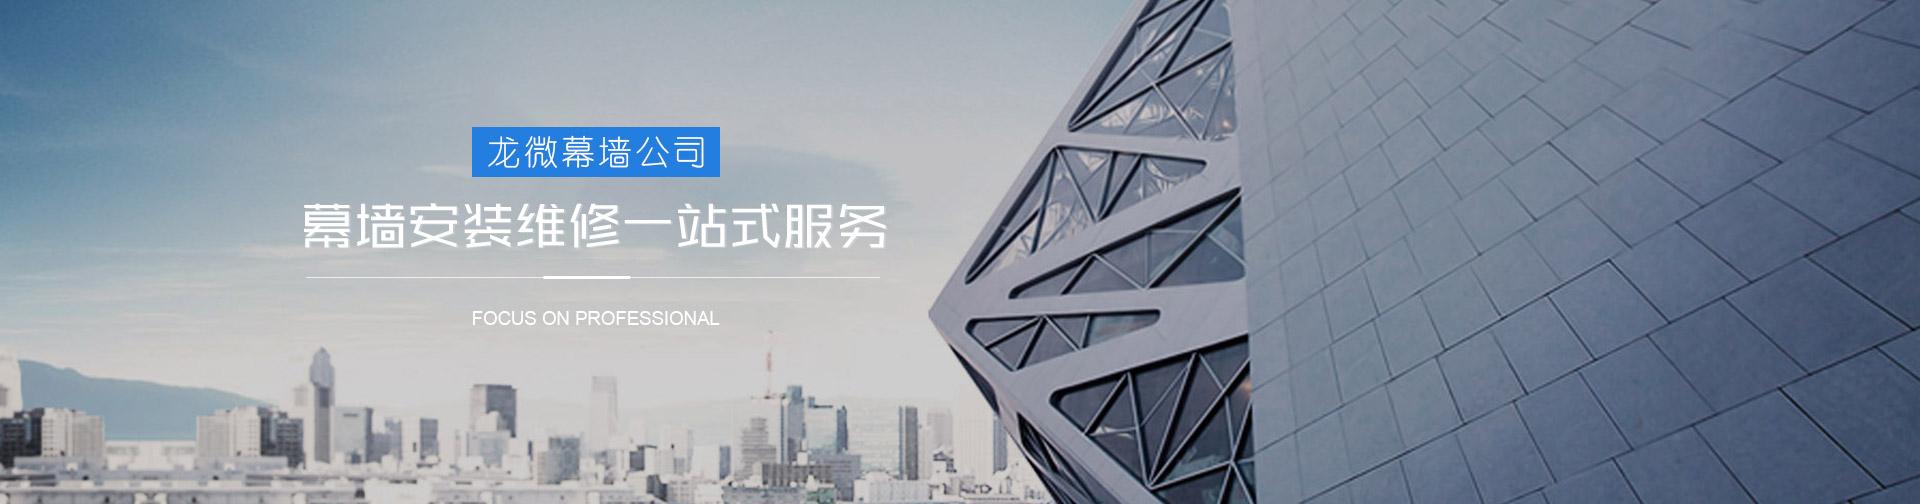 上海幕墙工程